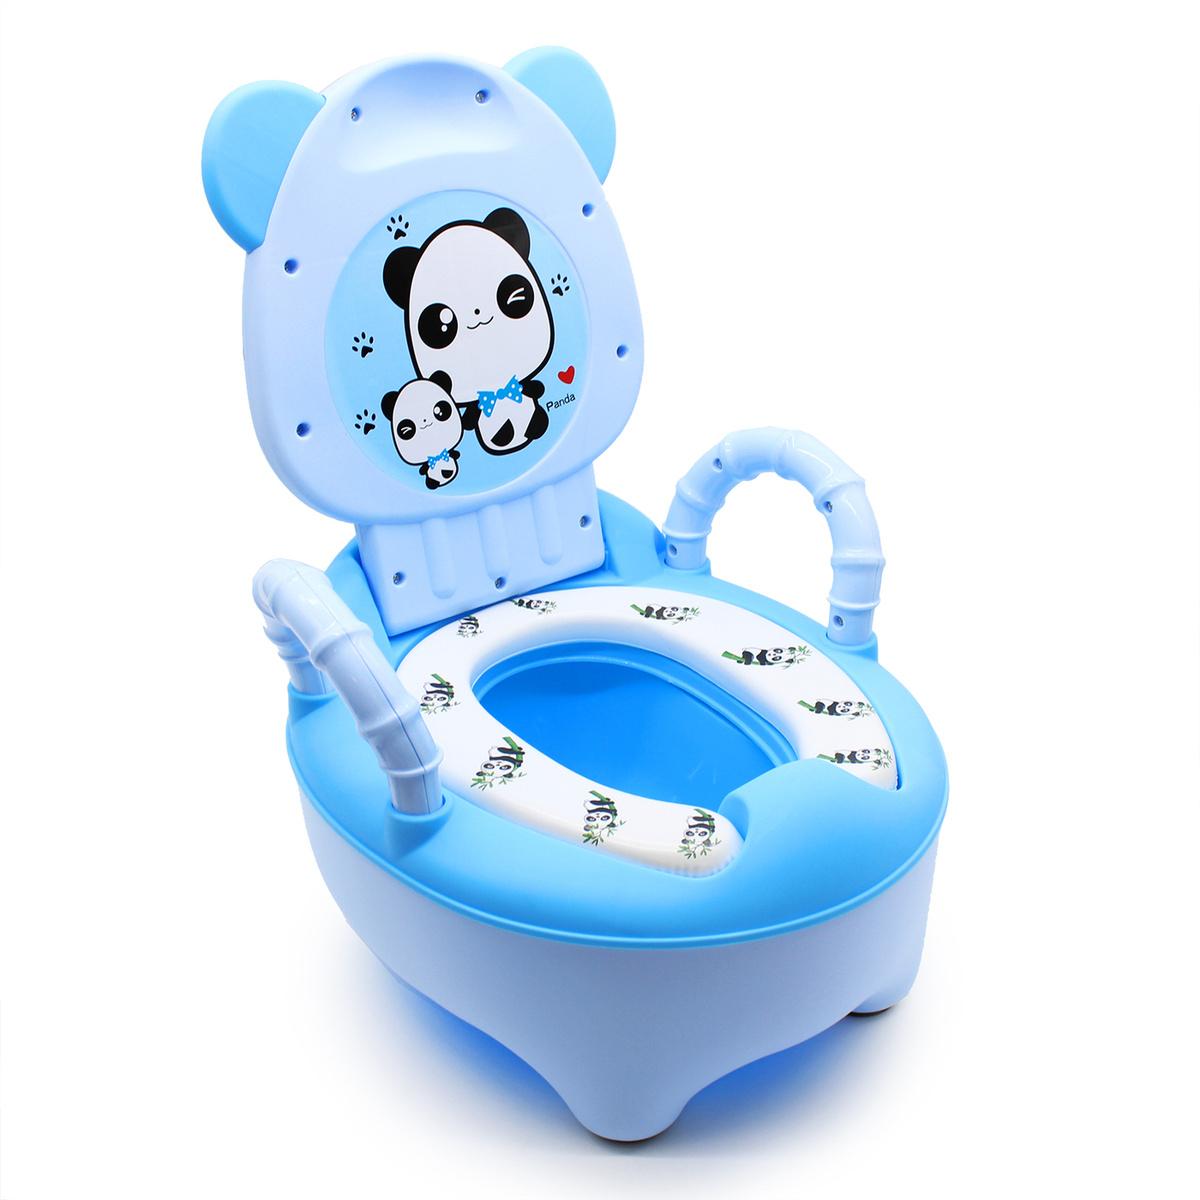 Ассорти Товаров Горшок детский Панда SOFT QUALITY переносной с ручками Синий  #1